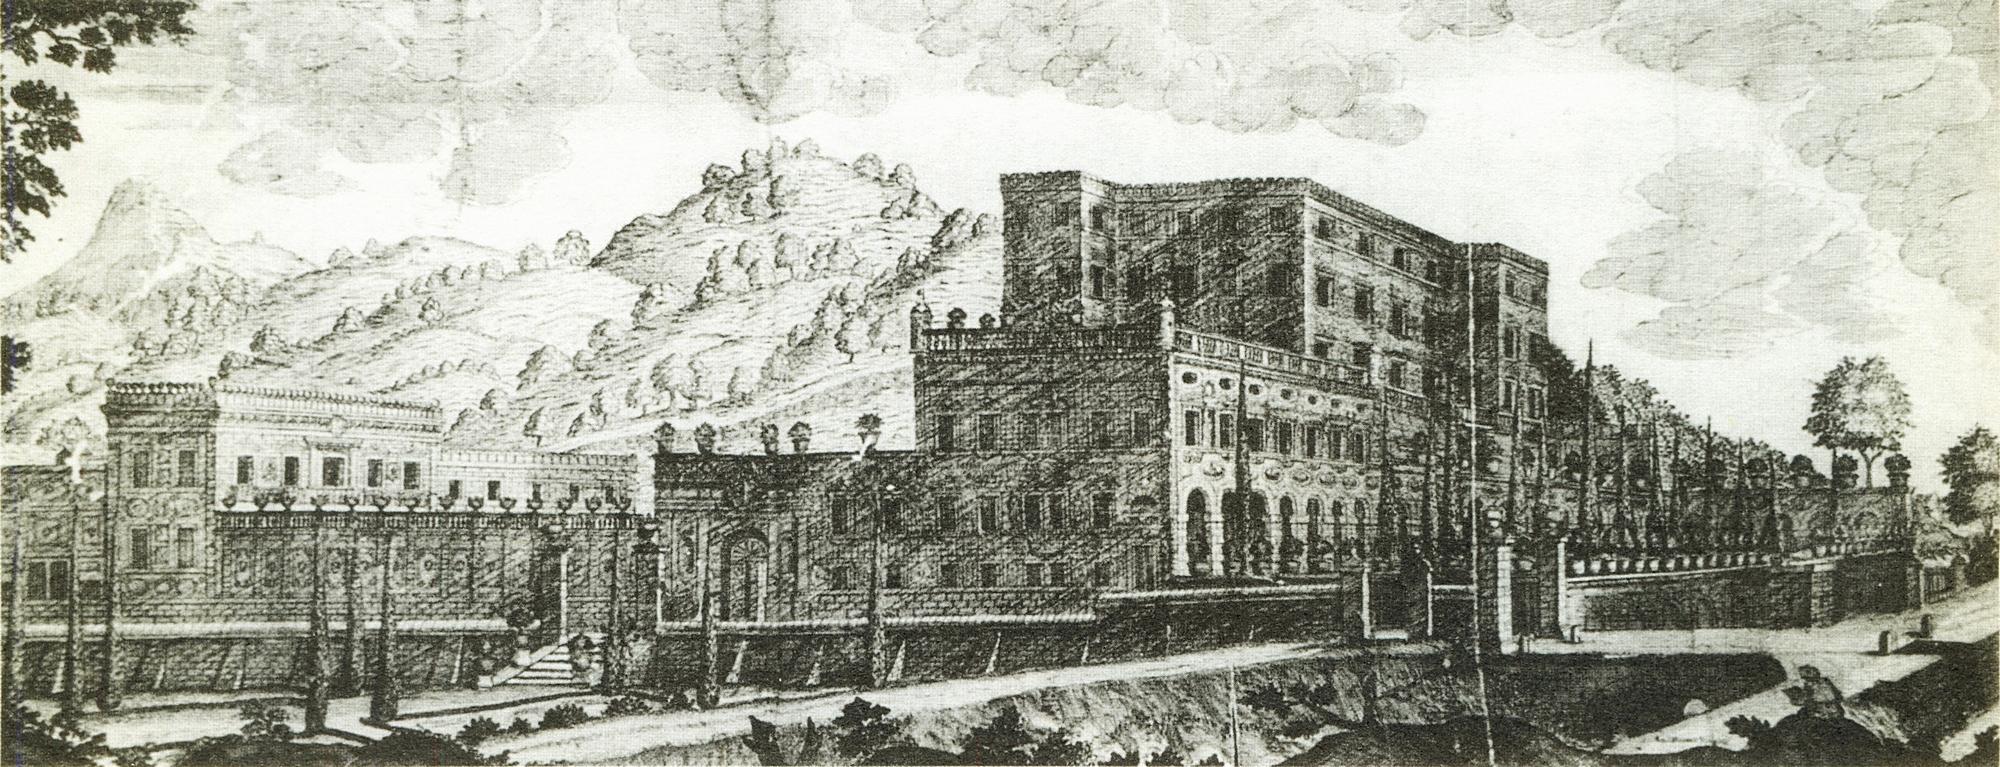 Il Castello del Catajo, iniziato da Pio Enea I Obizzi, in una stampa pubblicata nel 1669.